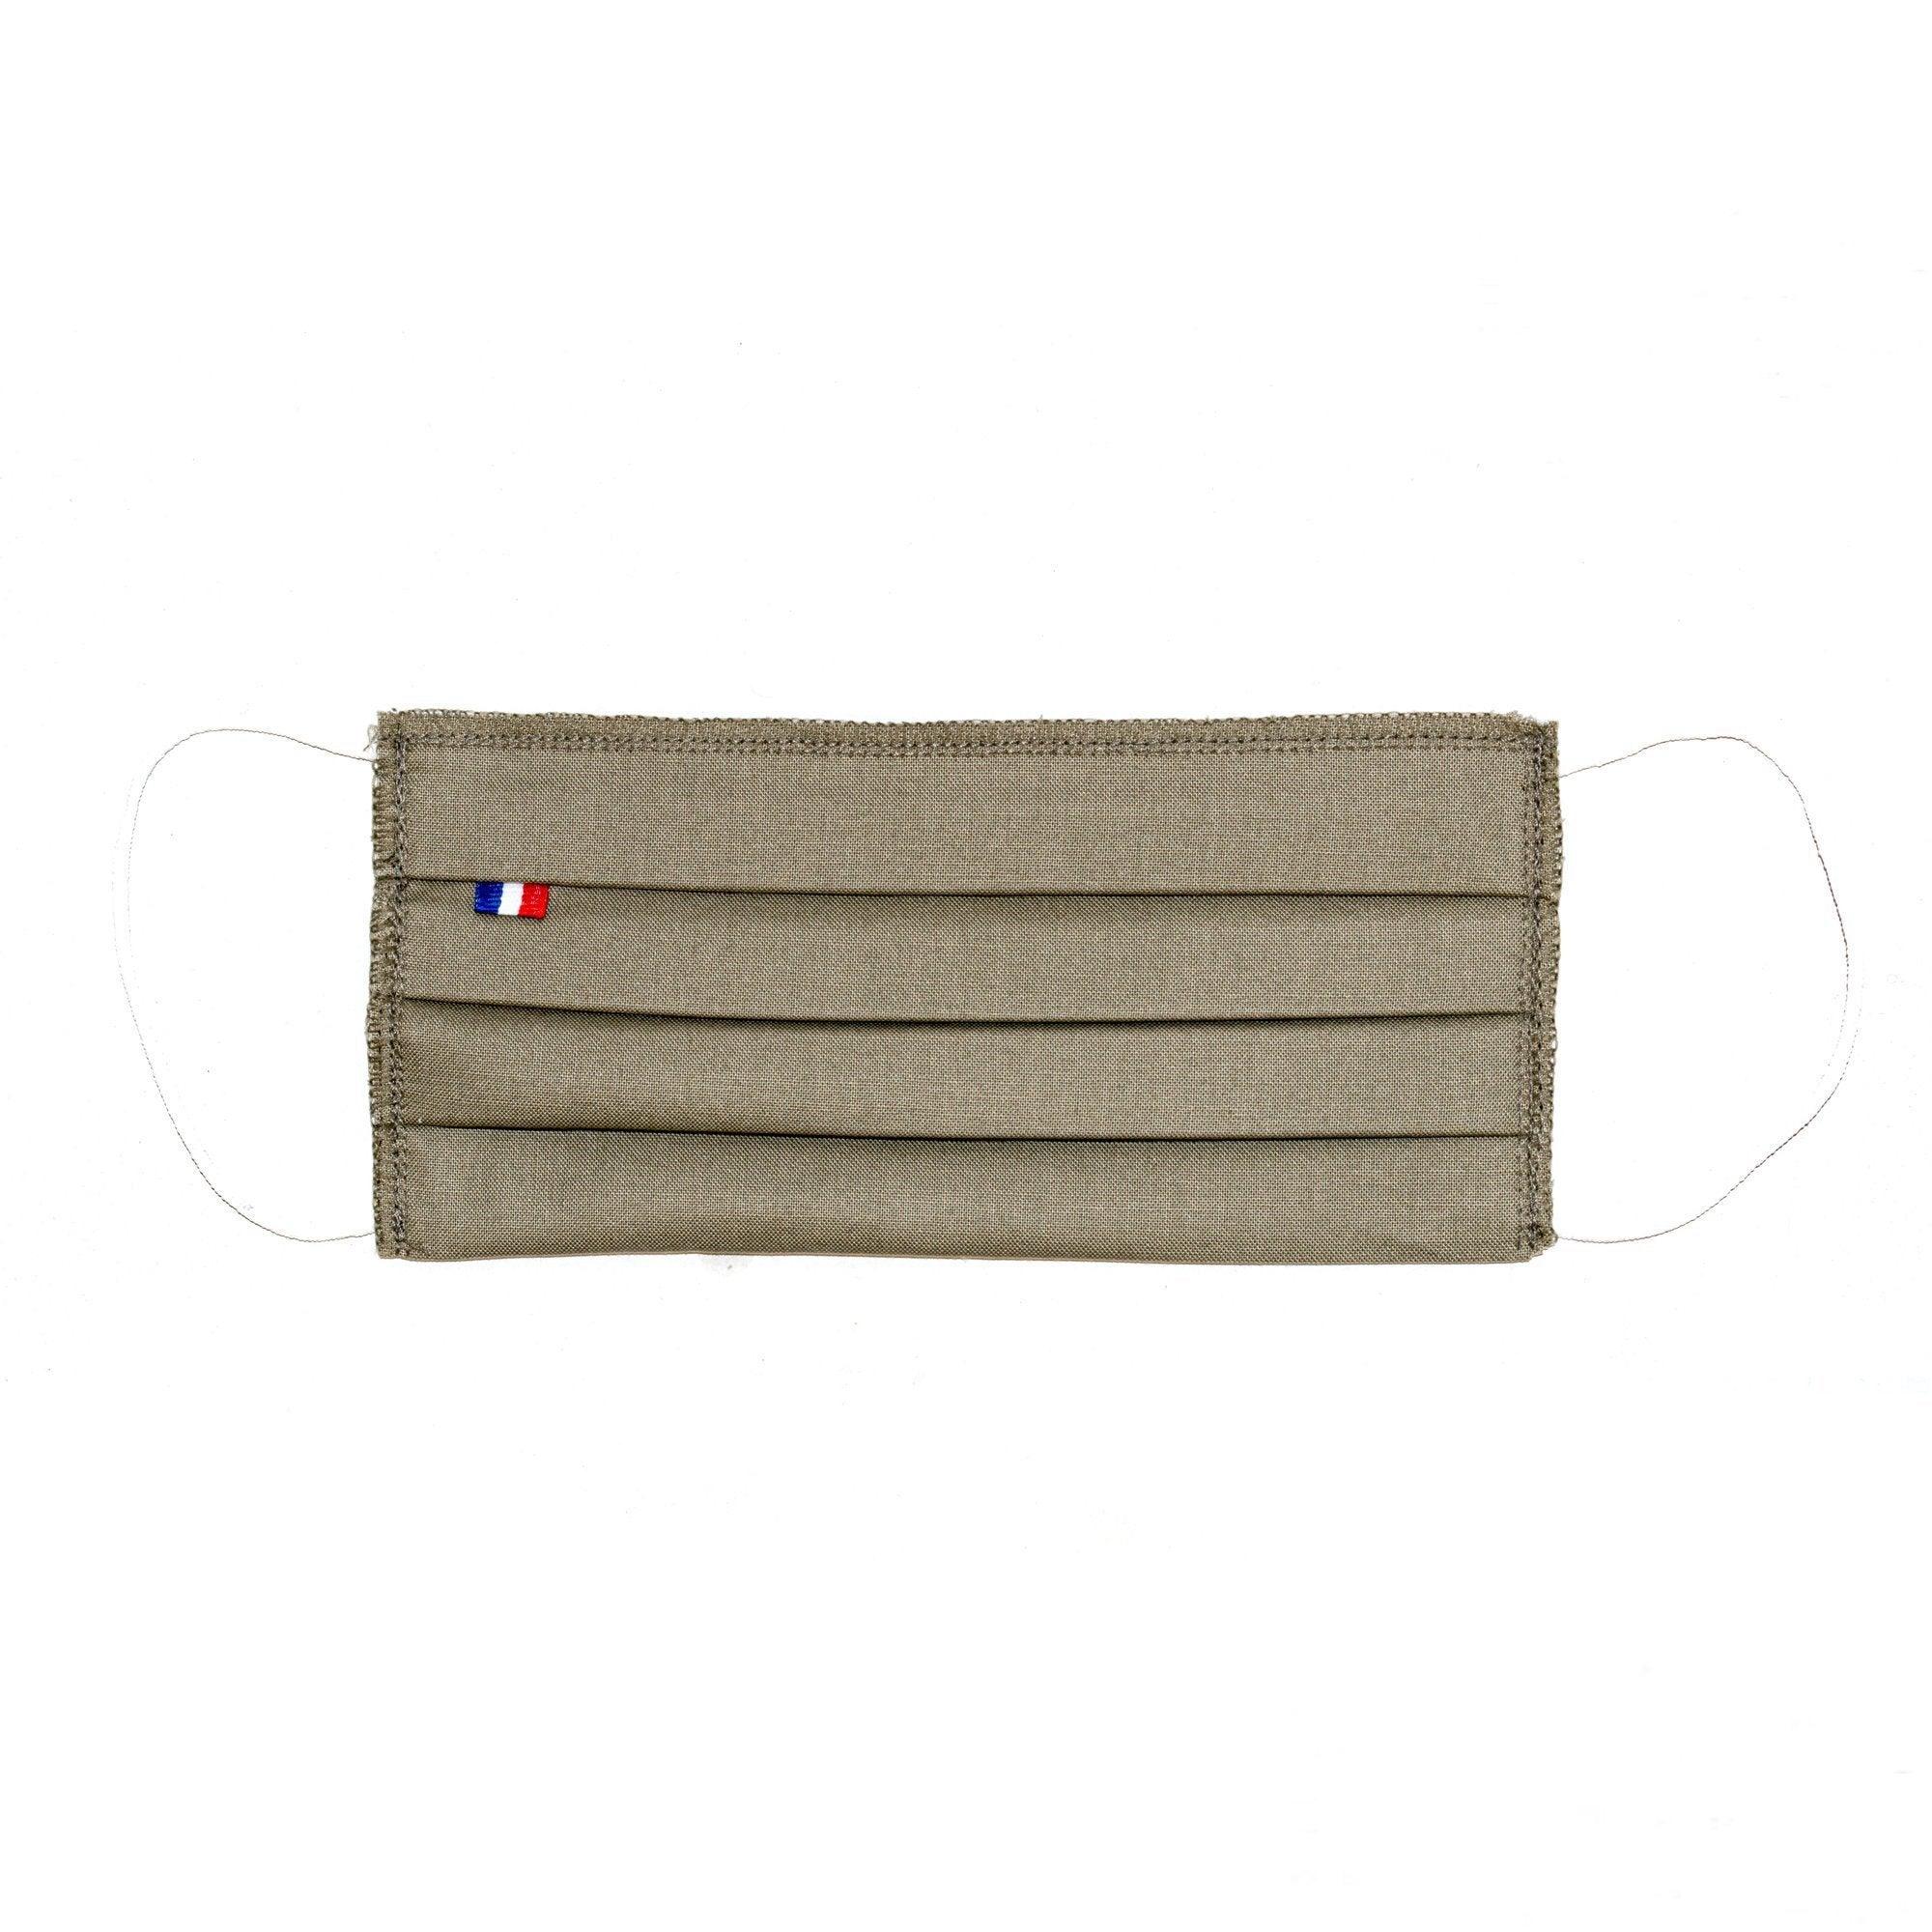 MASQUES DIRECT 5 Masques barrière 3 plis en tissu lavable réutilisable kaki - testé 10 lavages